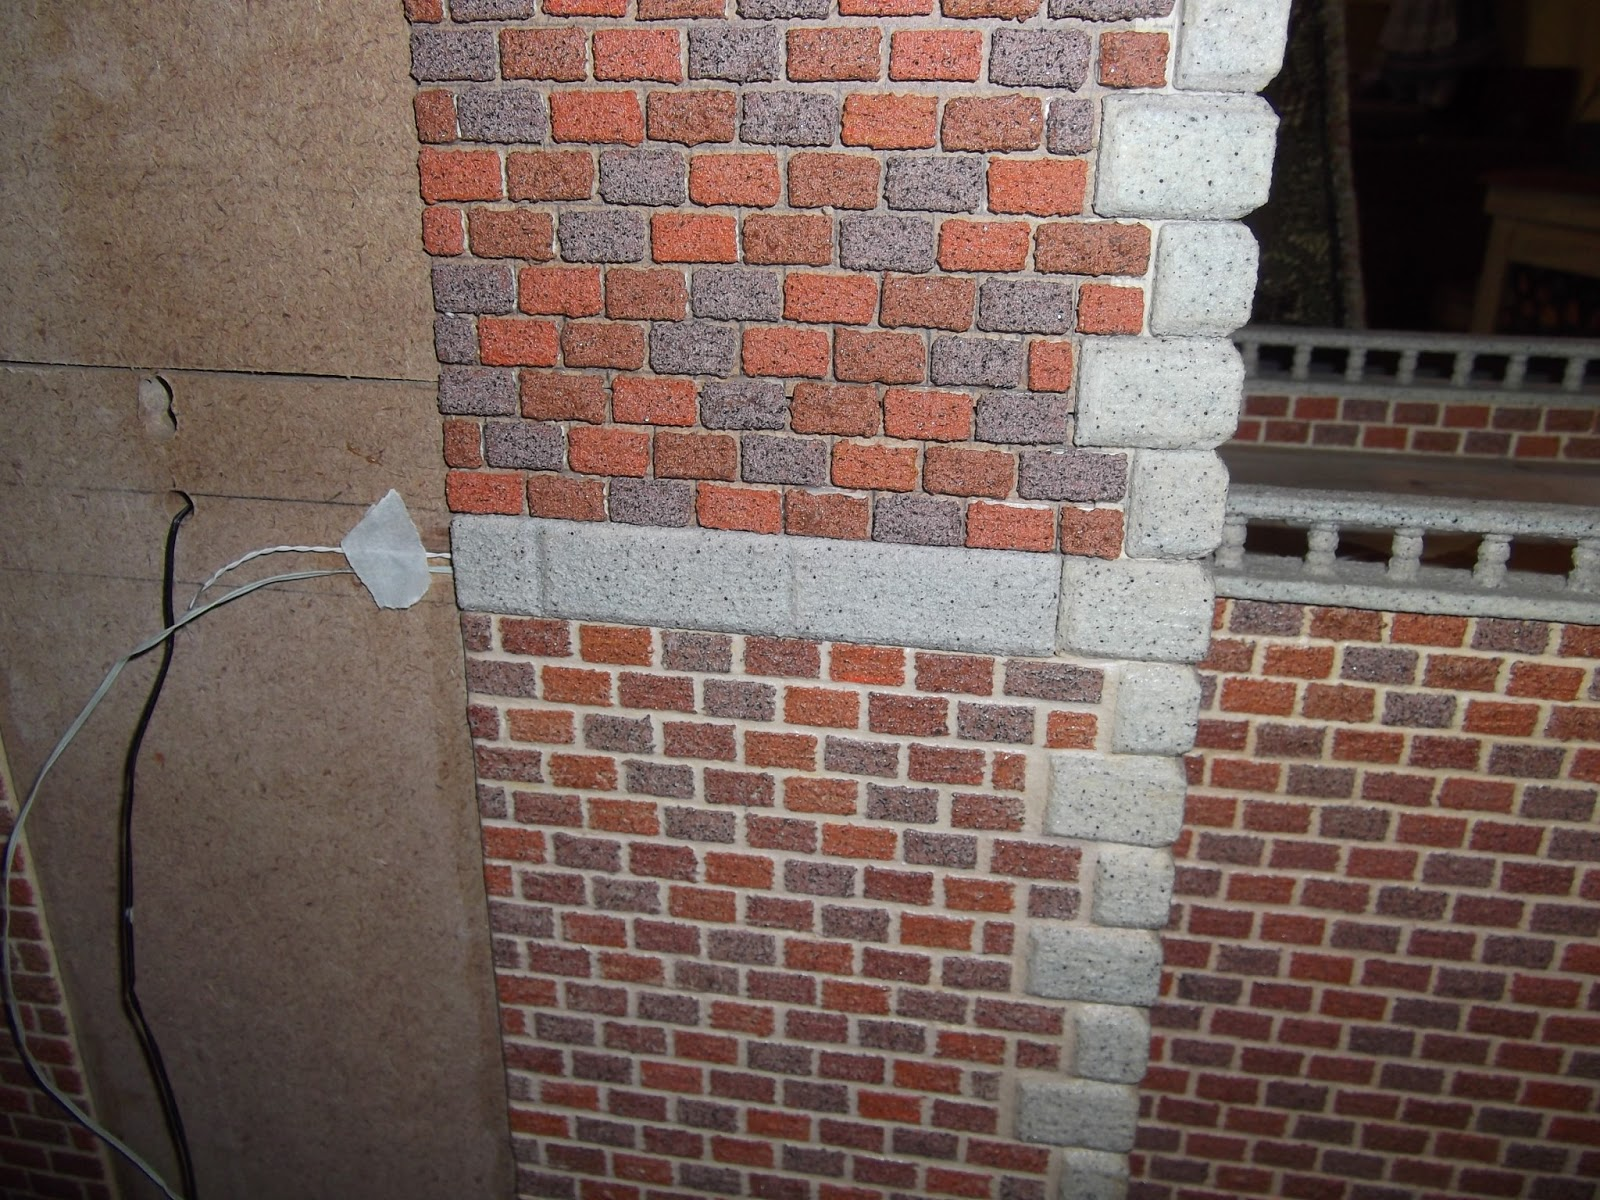 http://3.bp.blogspot.com/-Cj36bLgcZL8/UWLICv02mVI/AAAAAAAACcs/TkF4G40FEt0/s1600/Dollhouse+wiring+009.jpg